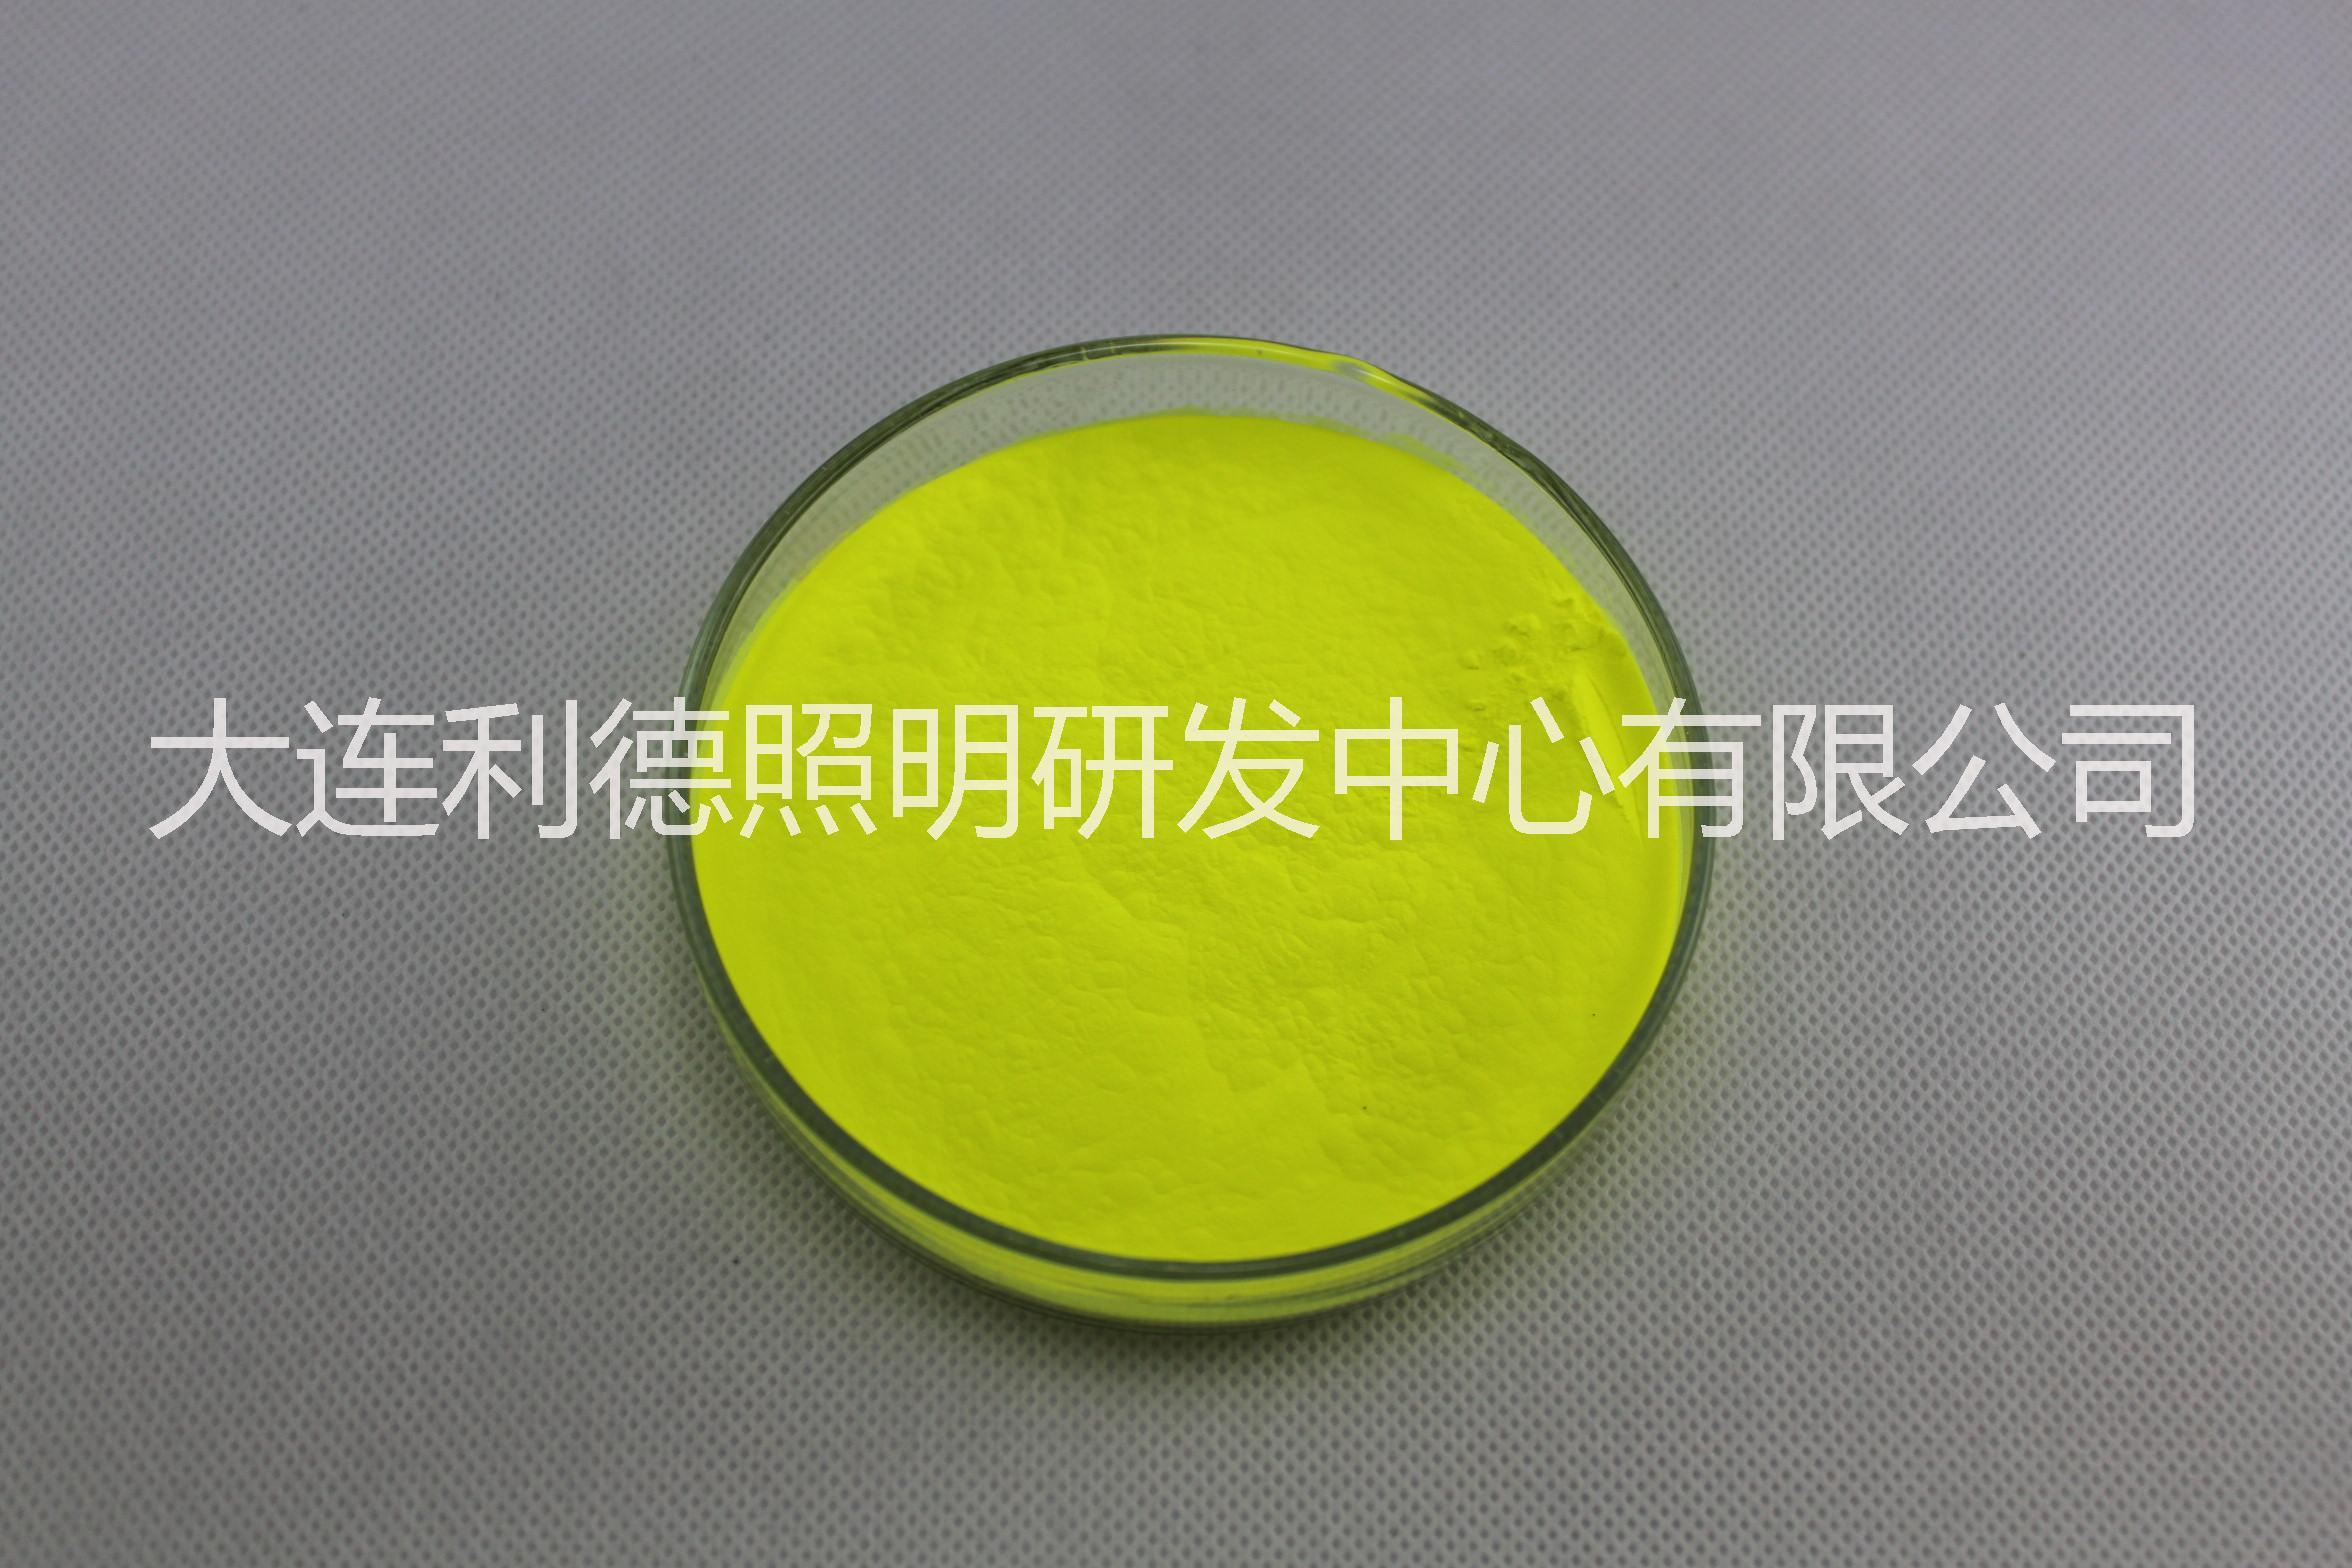 镓酸盐荧光粉YAGG-3856高显指高显色绿色高色温9000K LED荧光粉 绿色荧光粉